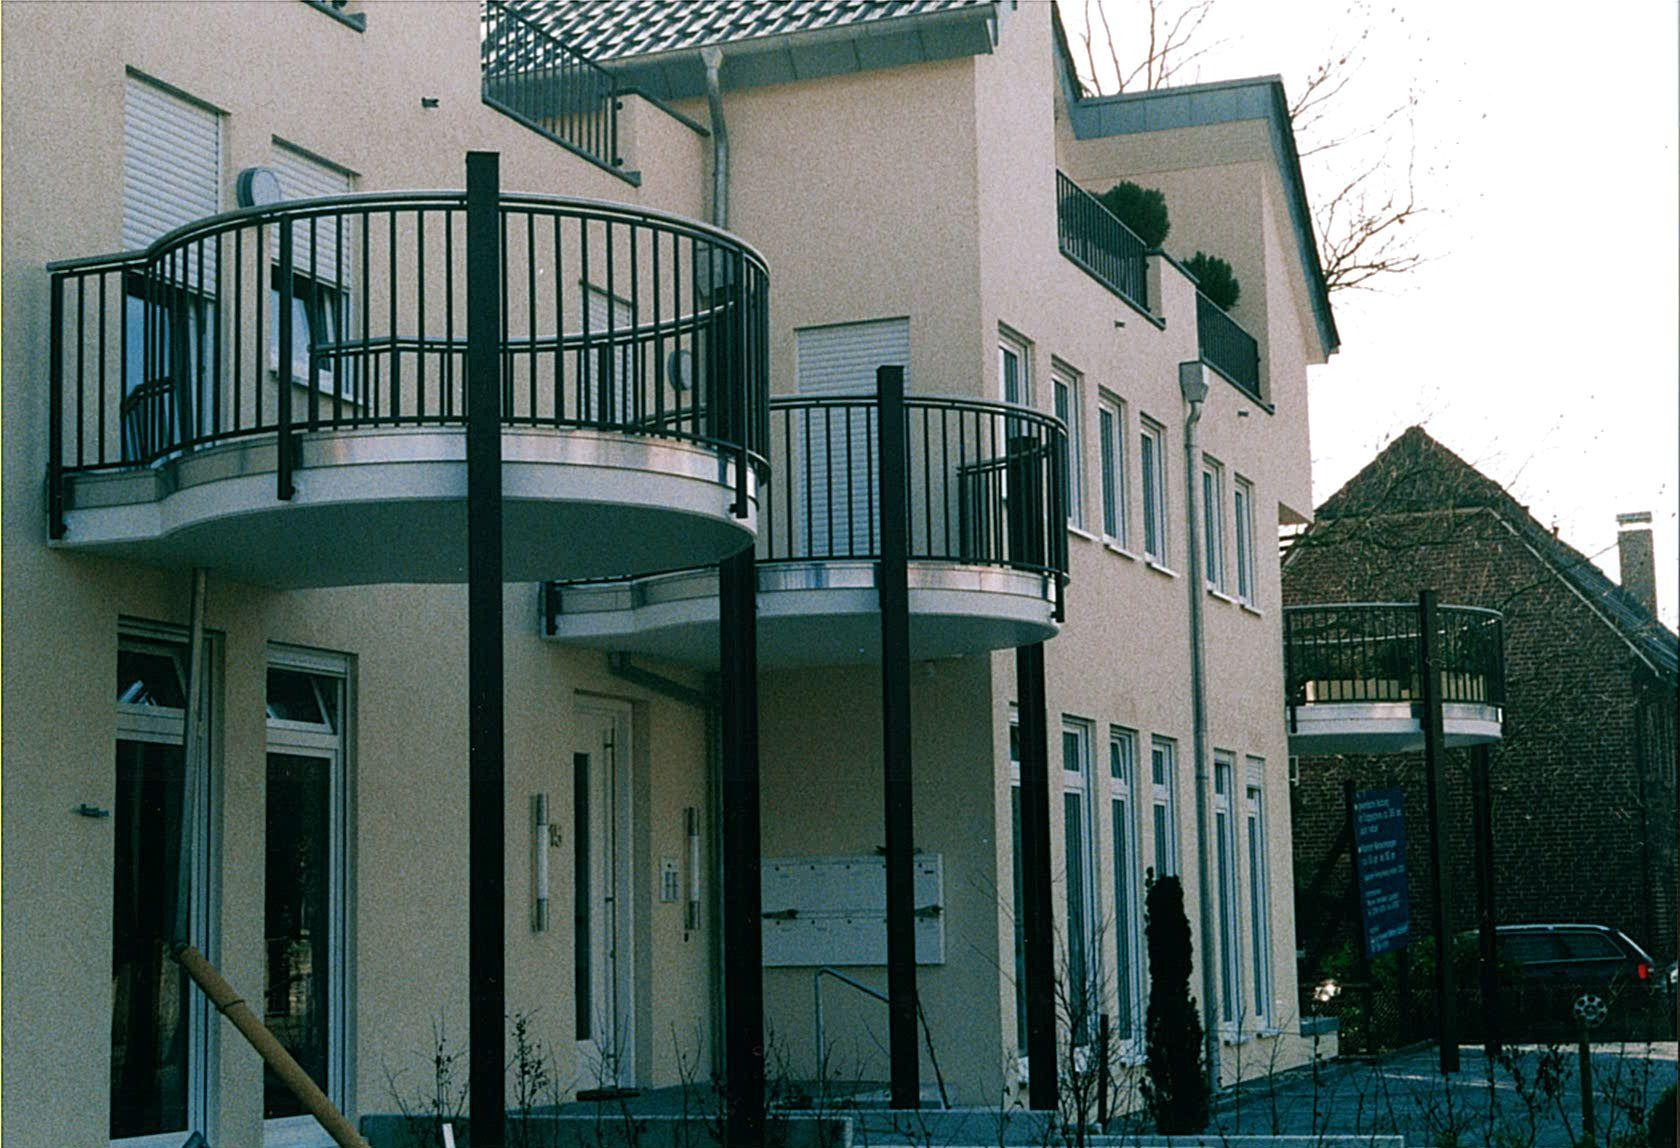 sonnenschirm mit kurbel grau halbrund 300cm gro balkon garten mwd. Black Bedroom Furniture Sets. Home Design Ideas